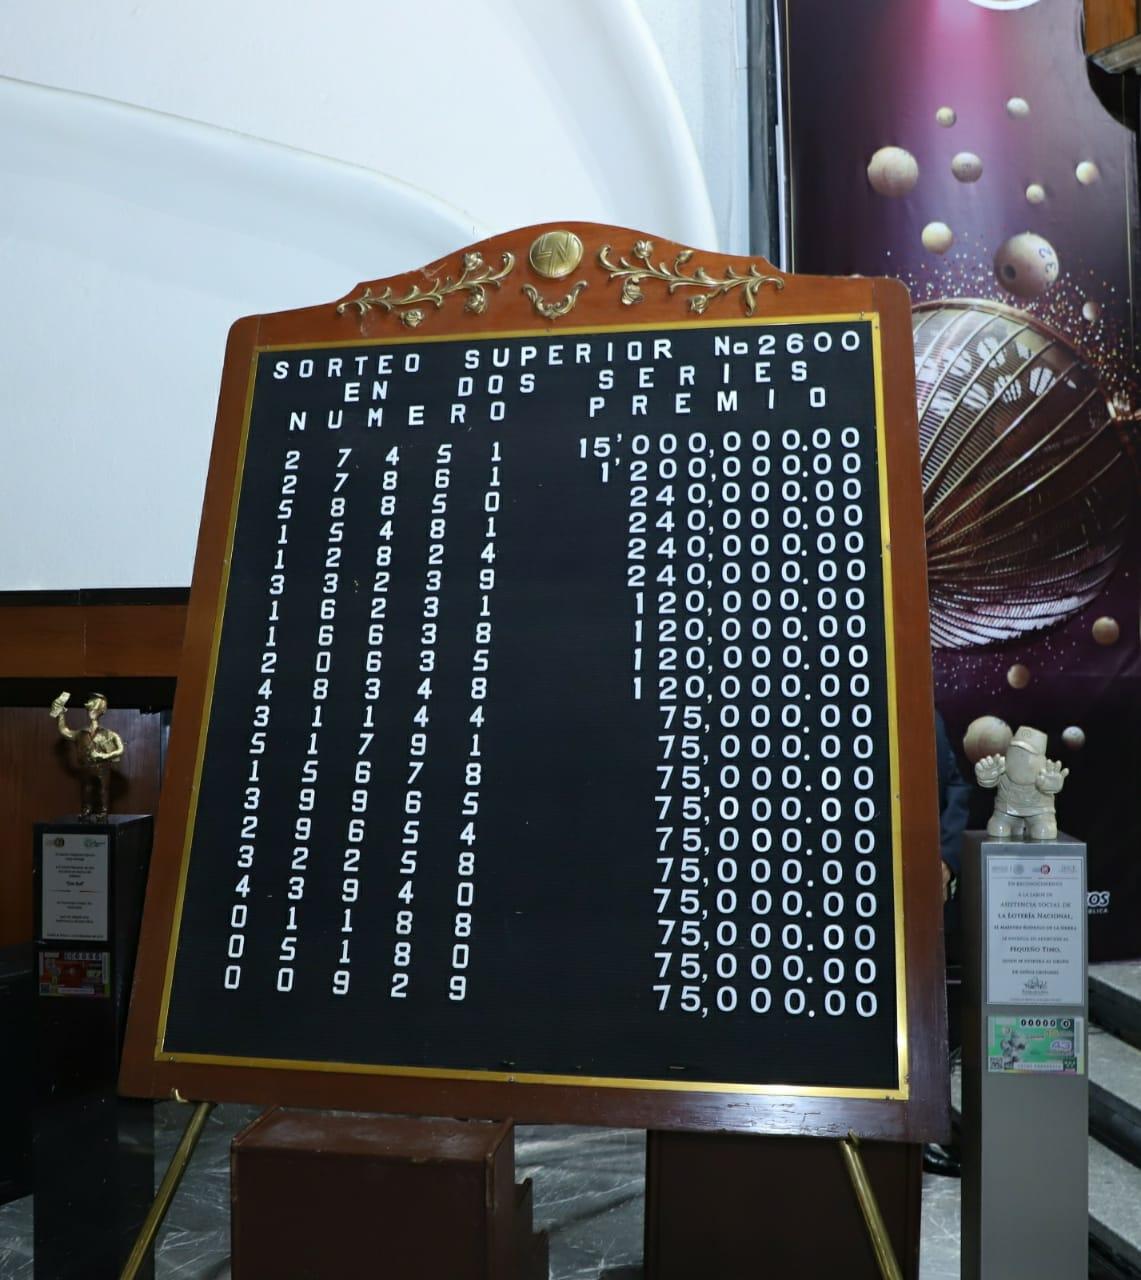 Resultados sorteo superior 2600